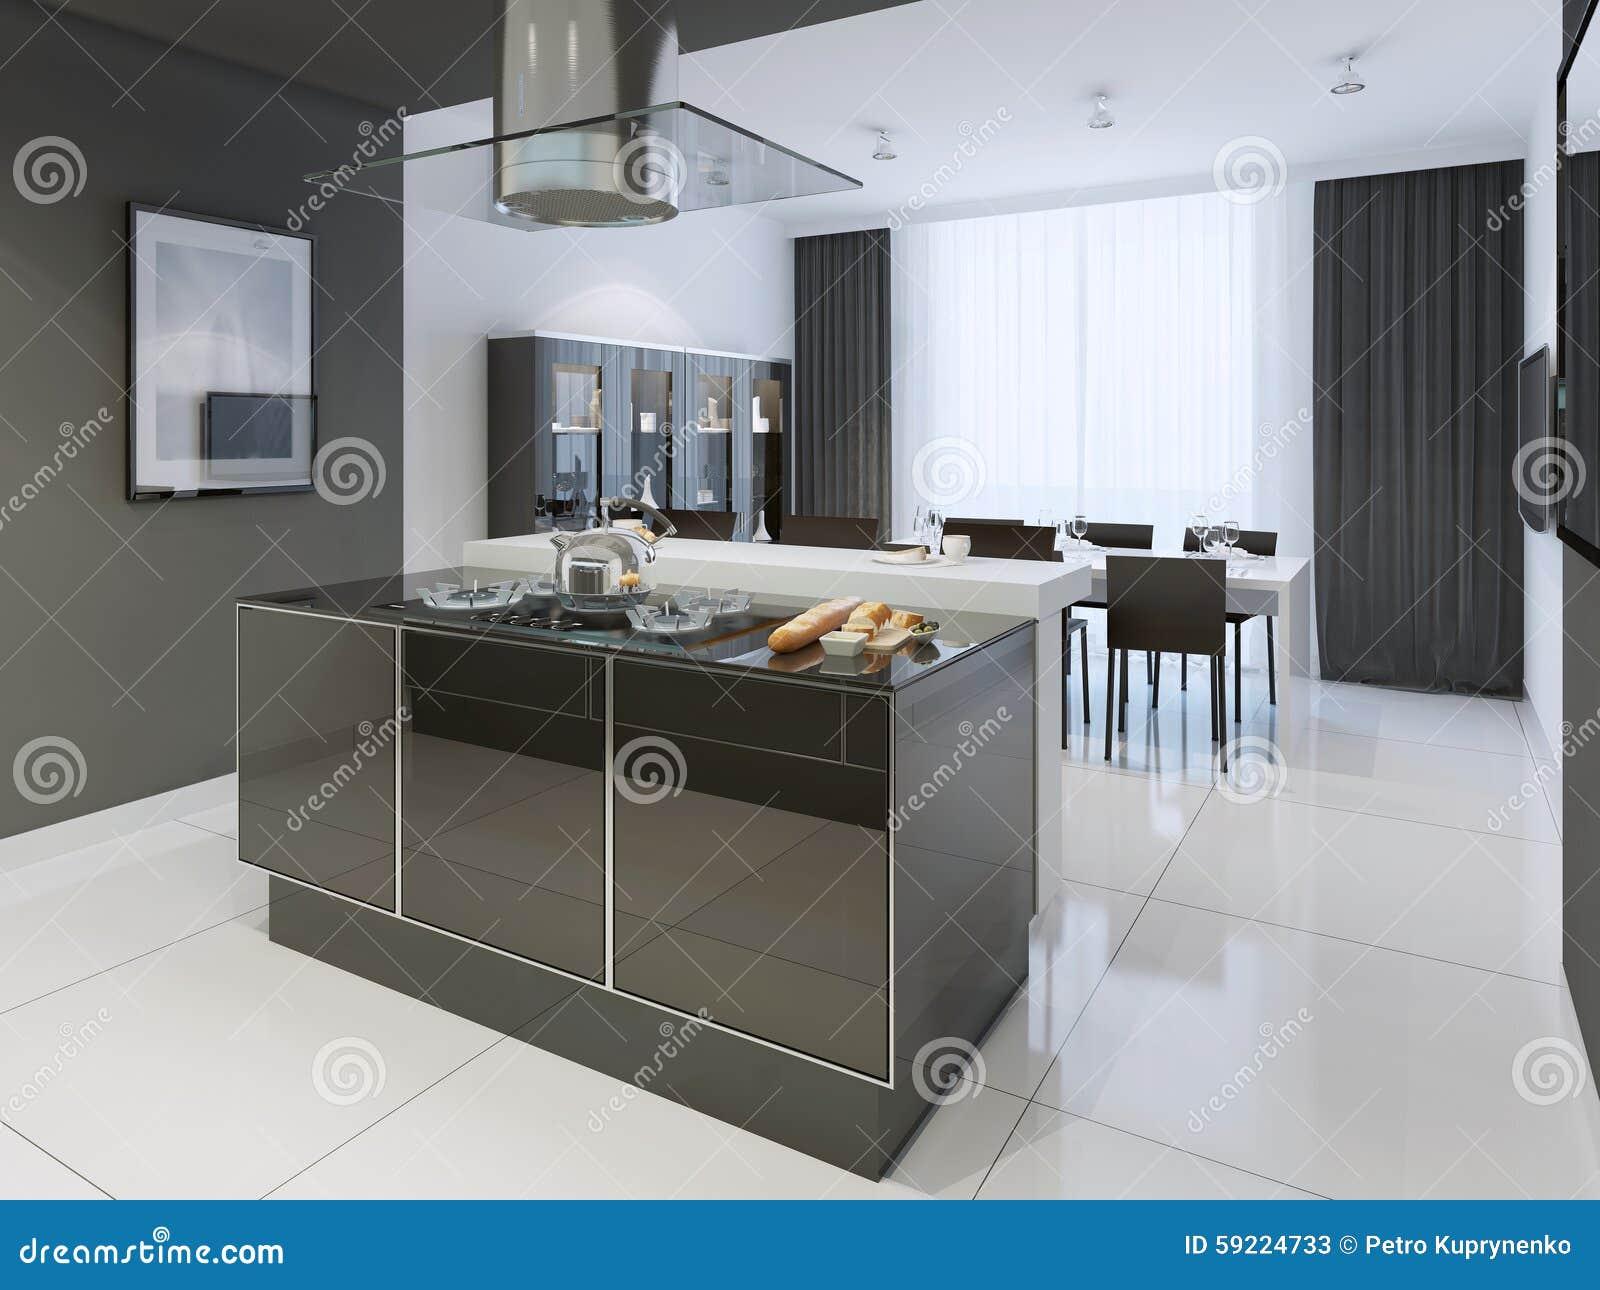 Tavolo Bianco E Nero Cucina.Stile Moderno Della Cucina In Bianco E Nero Immagine Stock